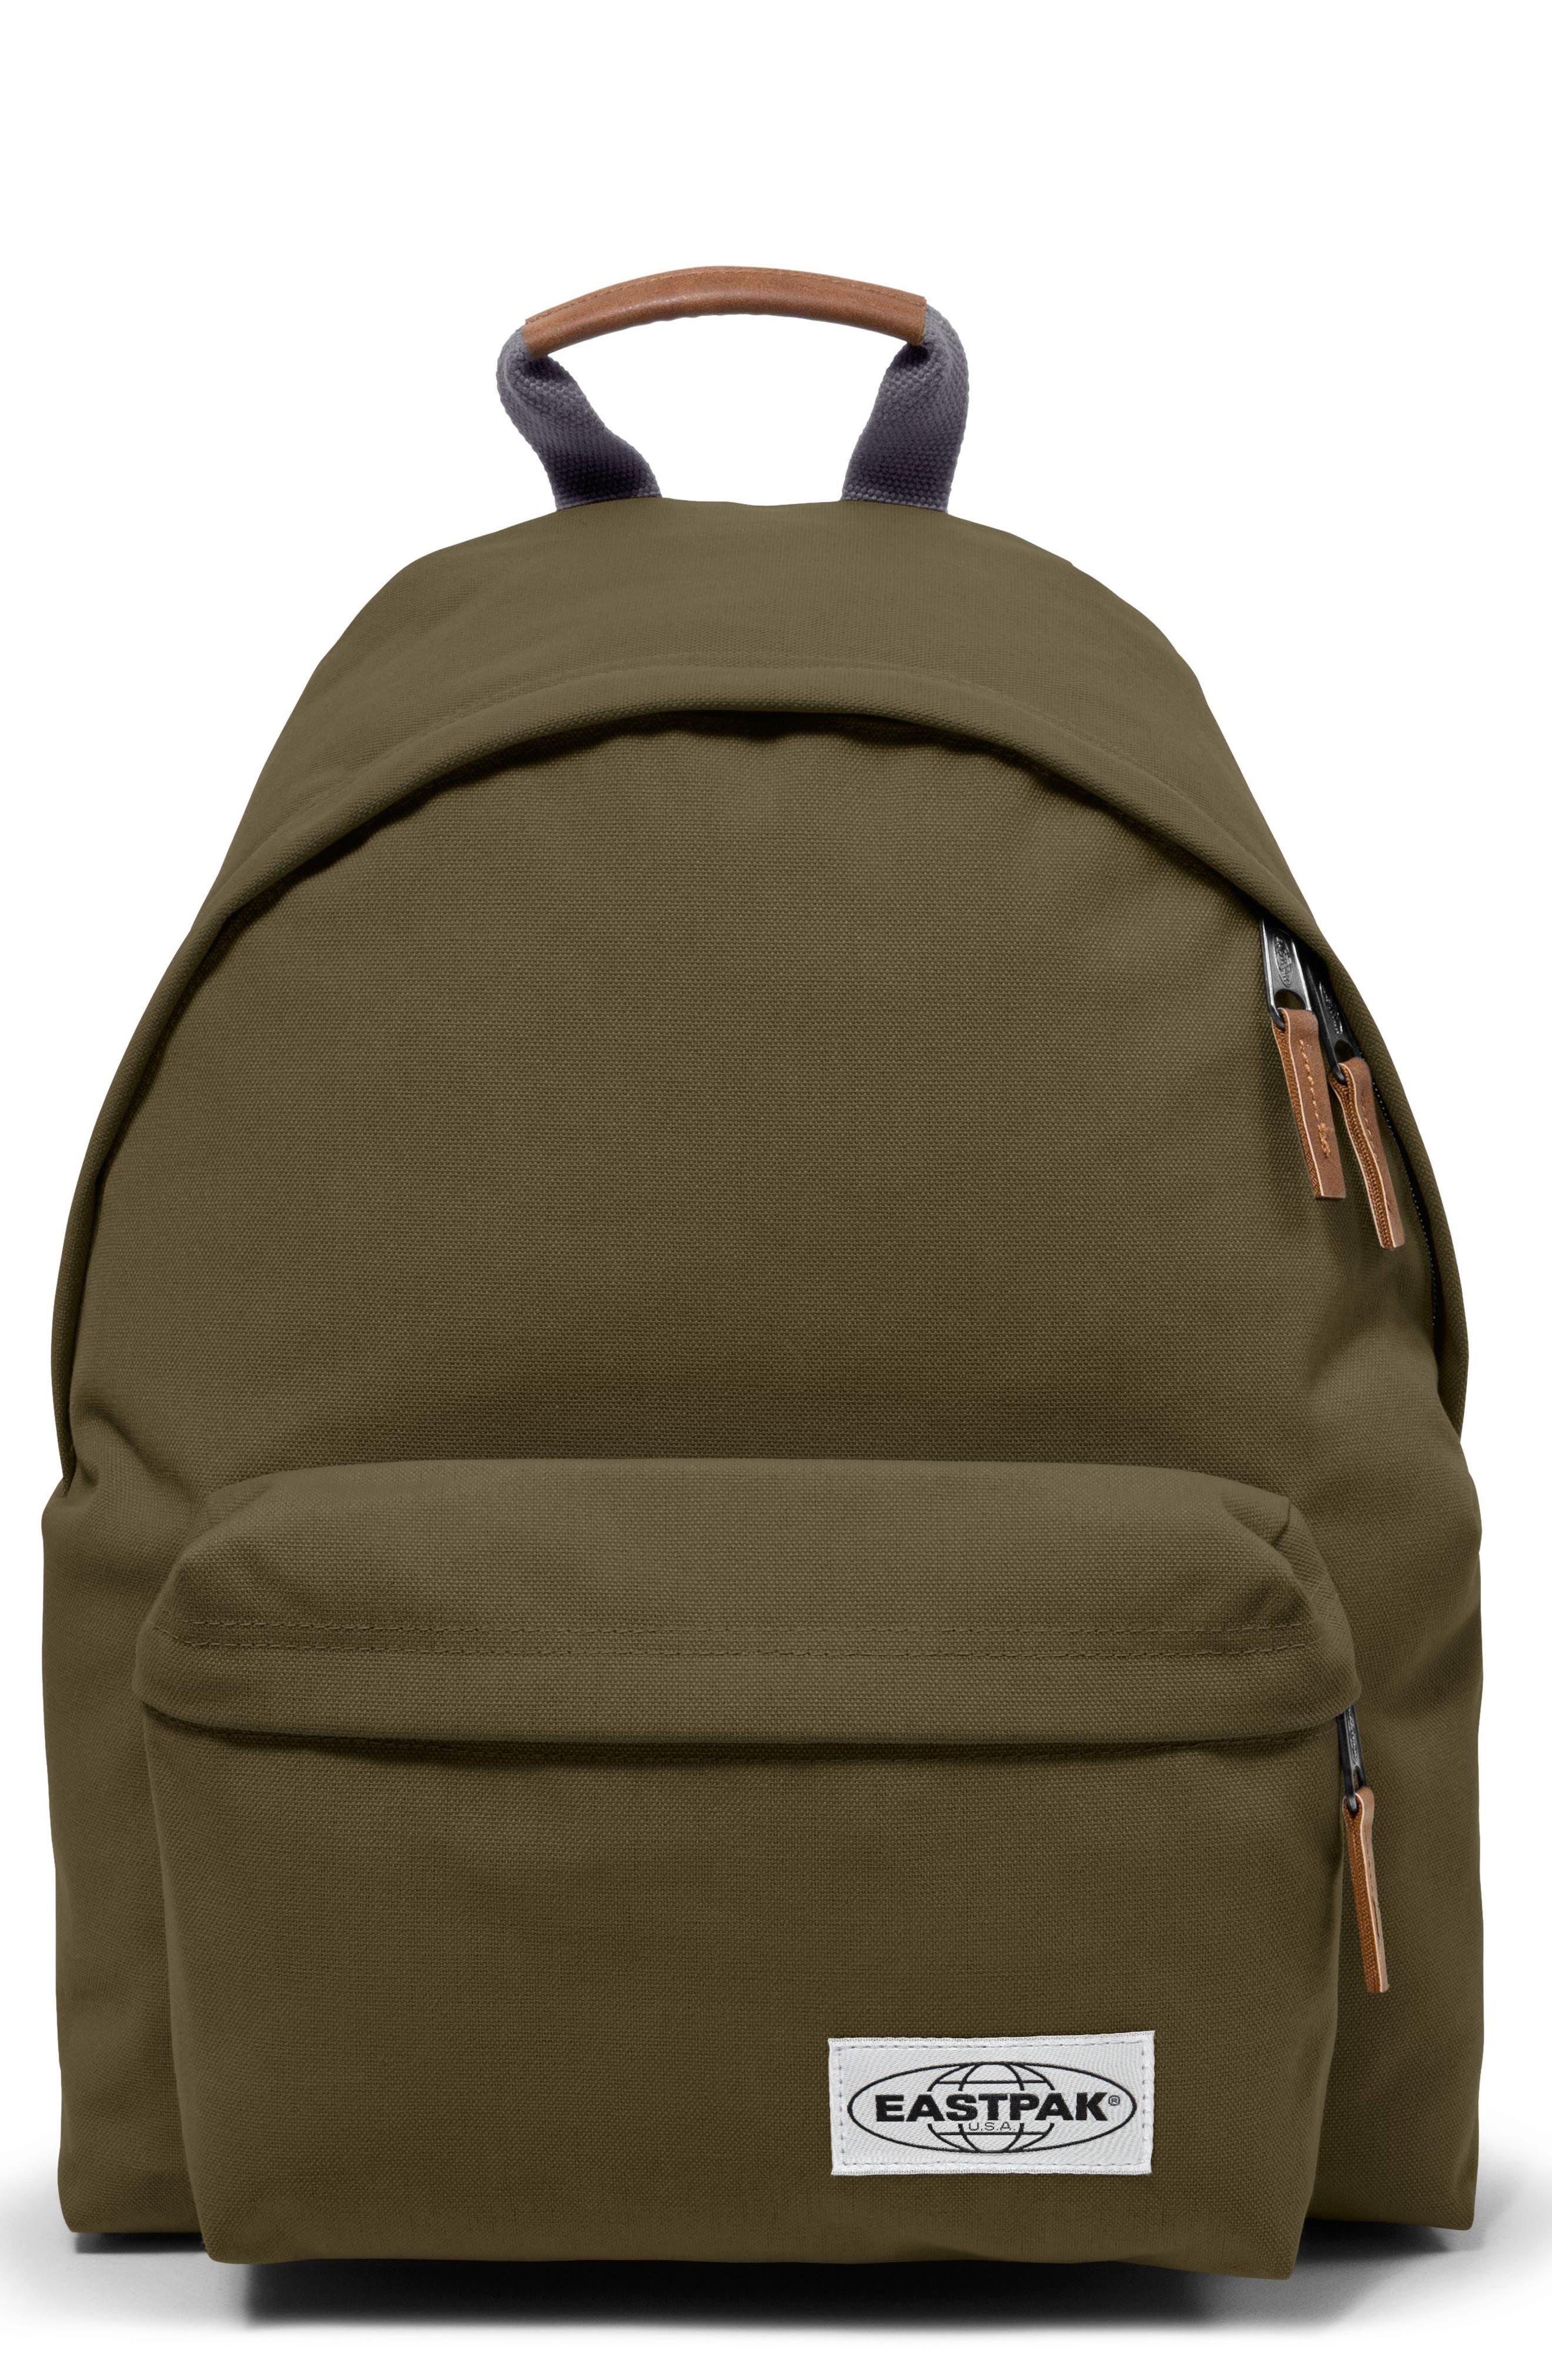 Eastpak Padded Pakr Backpack - Green